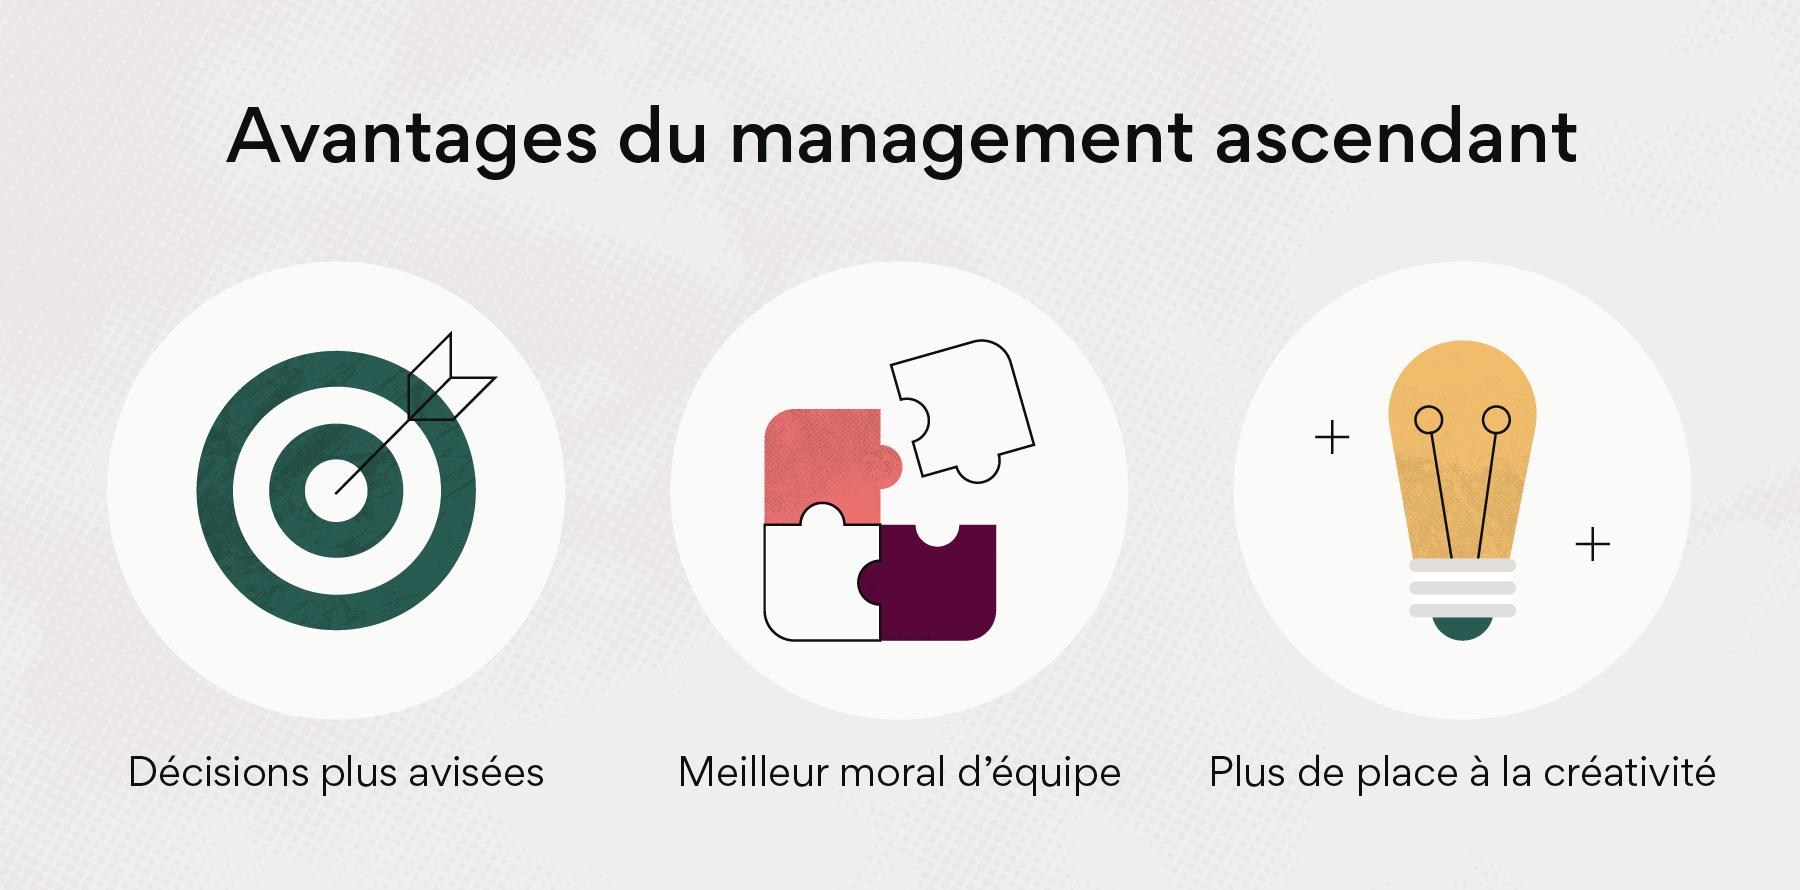 Les avantages du management ascendant